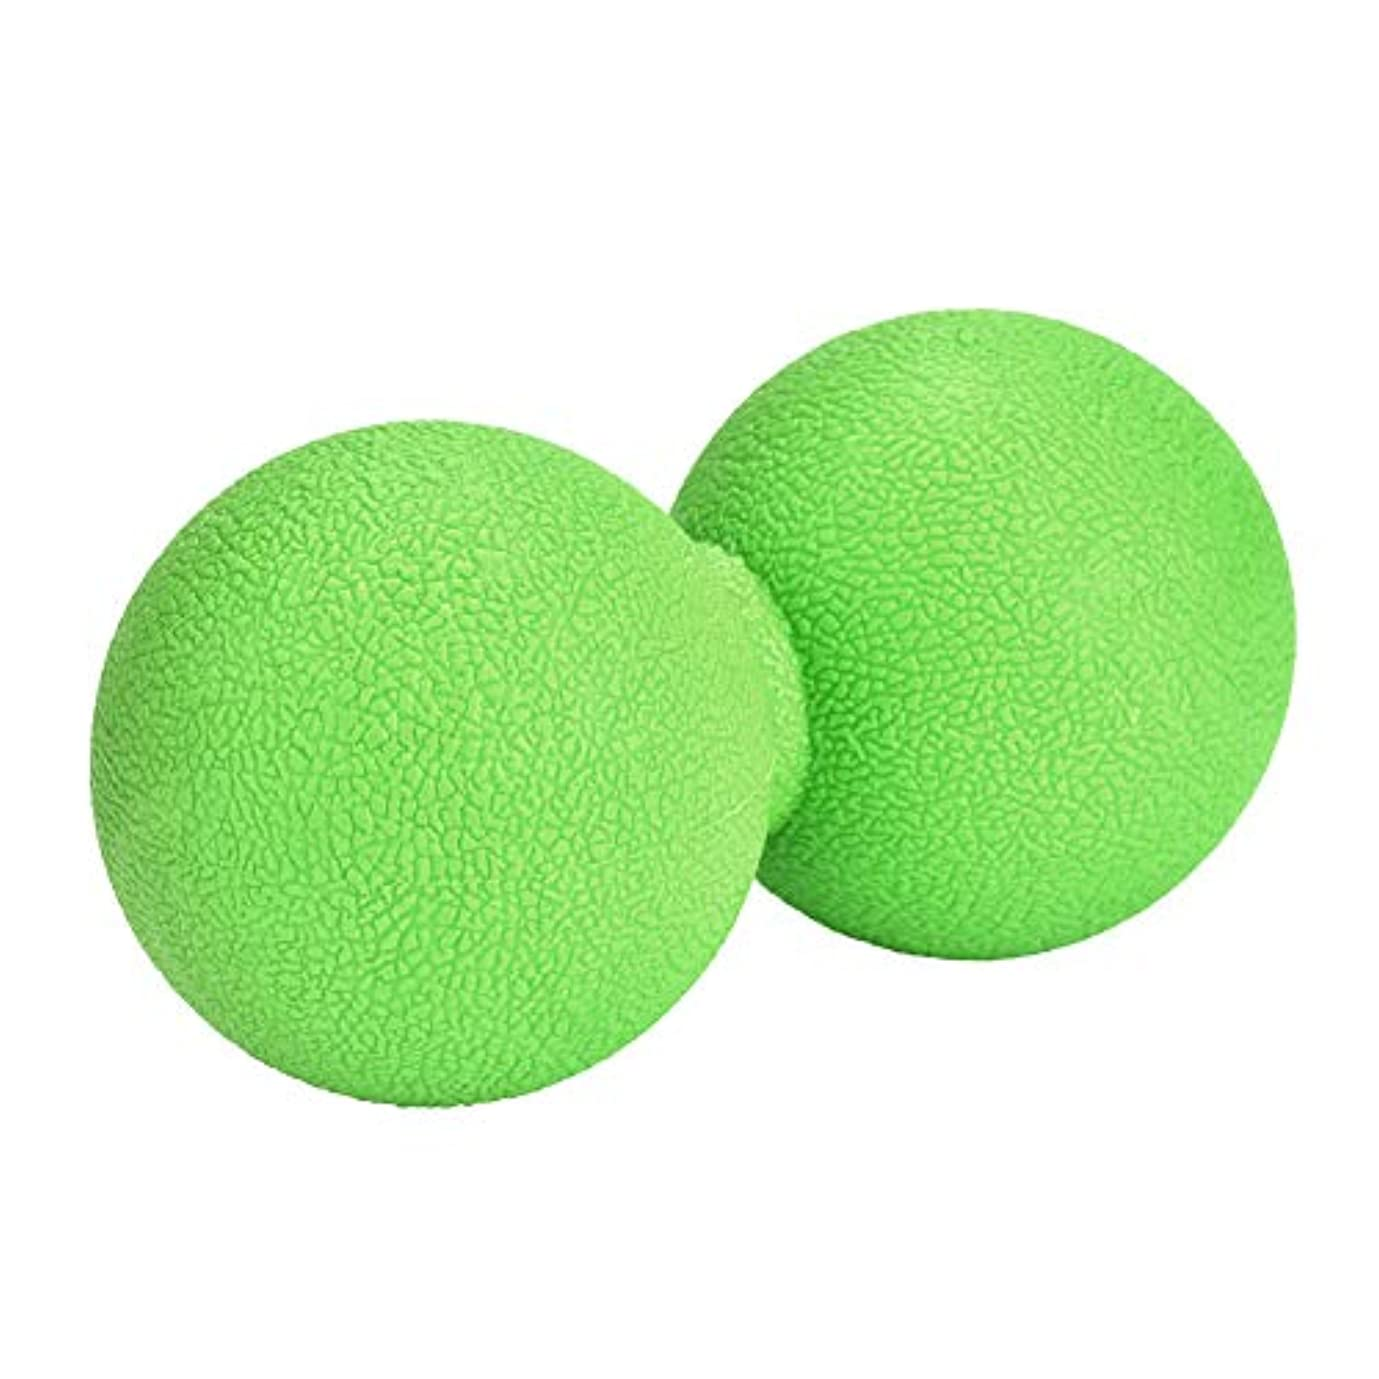 収益落ち着かない件名マッサージボール ストレッチボール ピーナッツ型 ヨガボール 首 背中 肩こり 腰 ふくらはぎ 足裏 筋膜リリース トレーニング